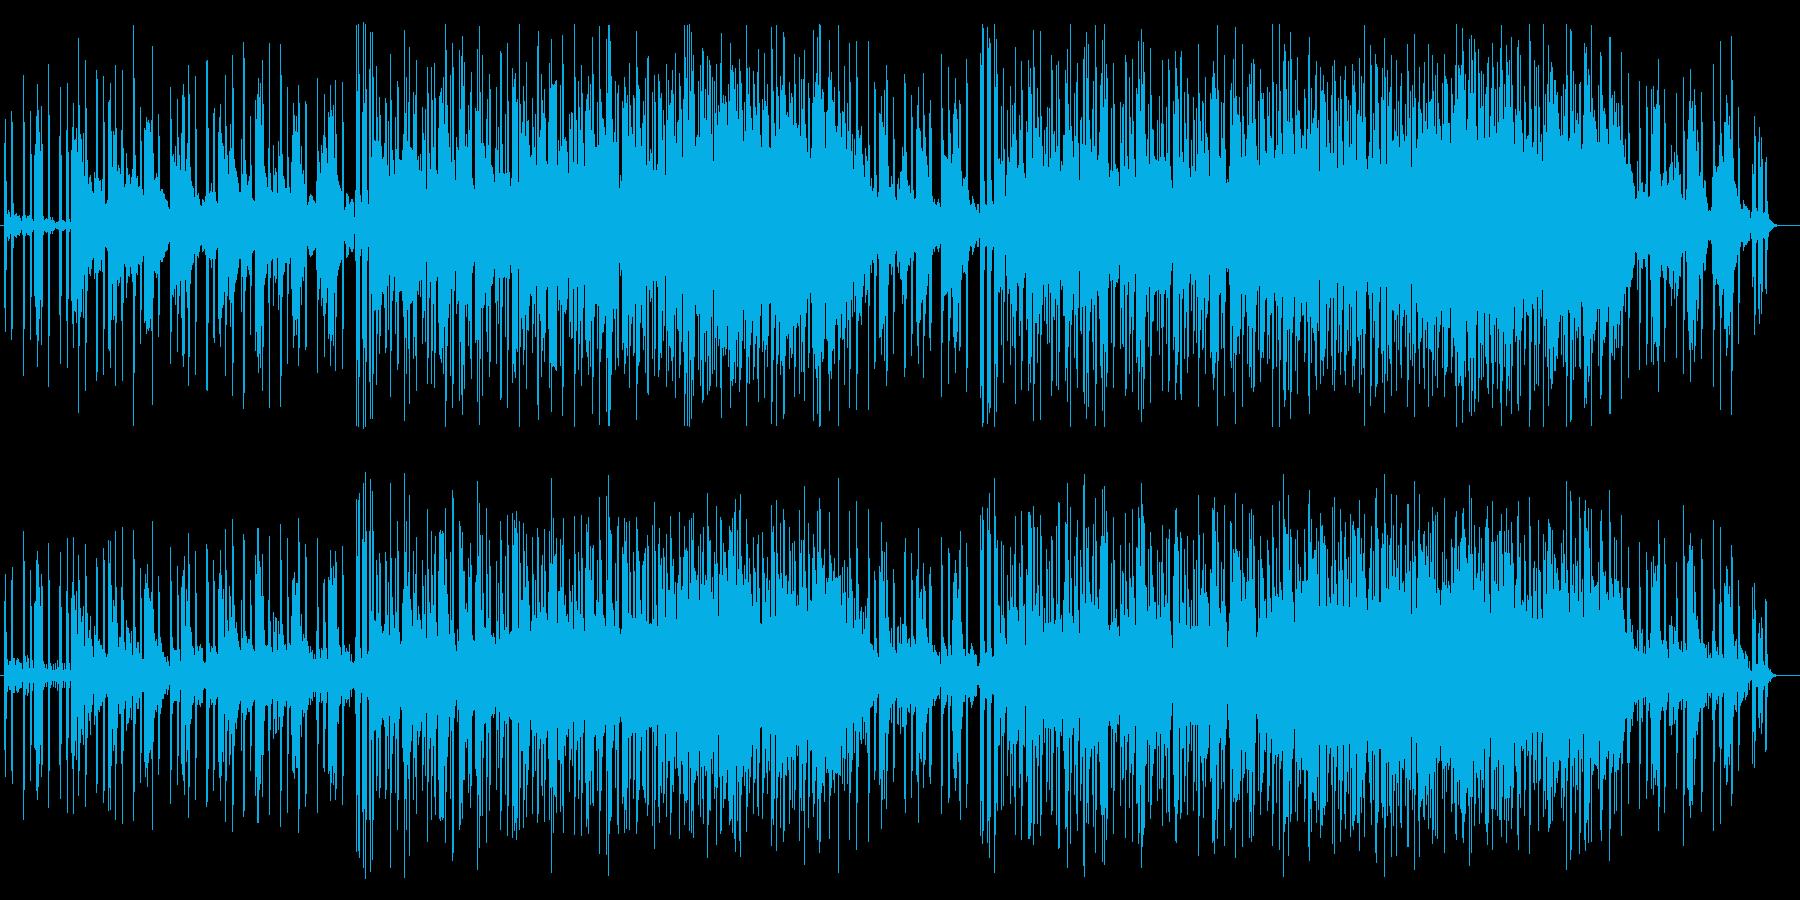 のどかなアコースティックポップの再生済みの波形